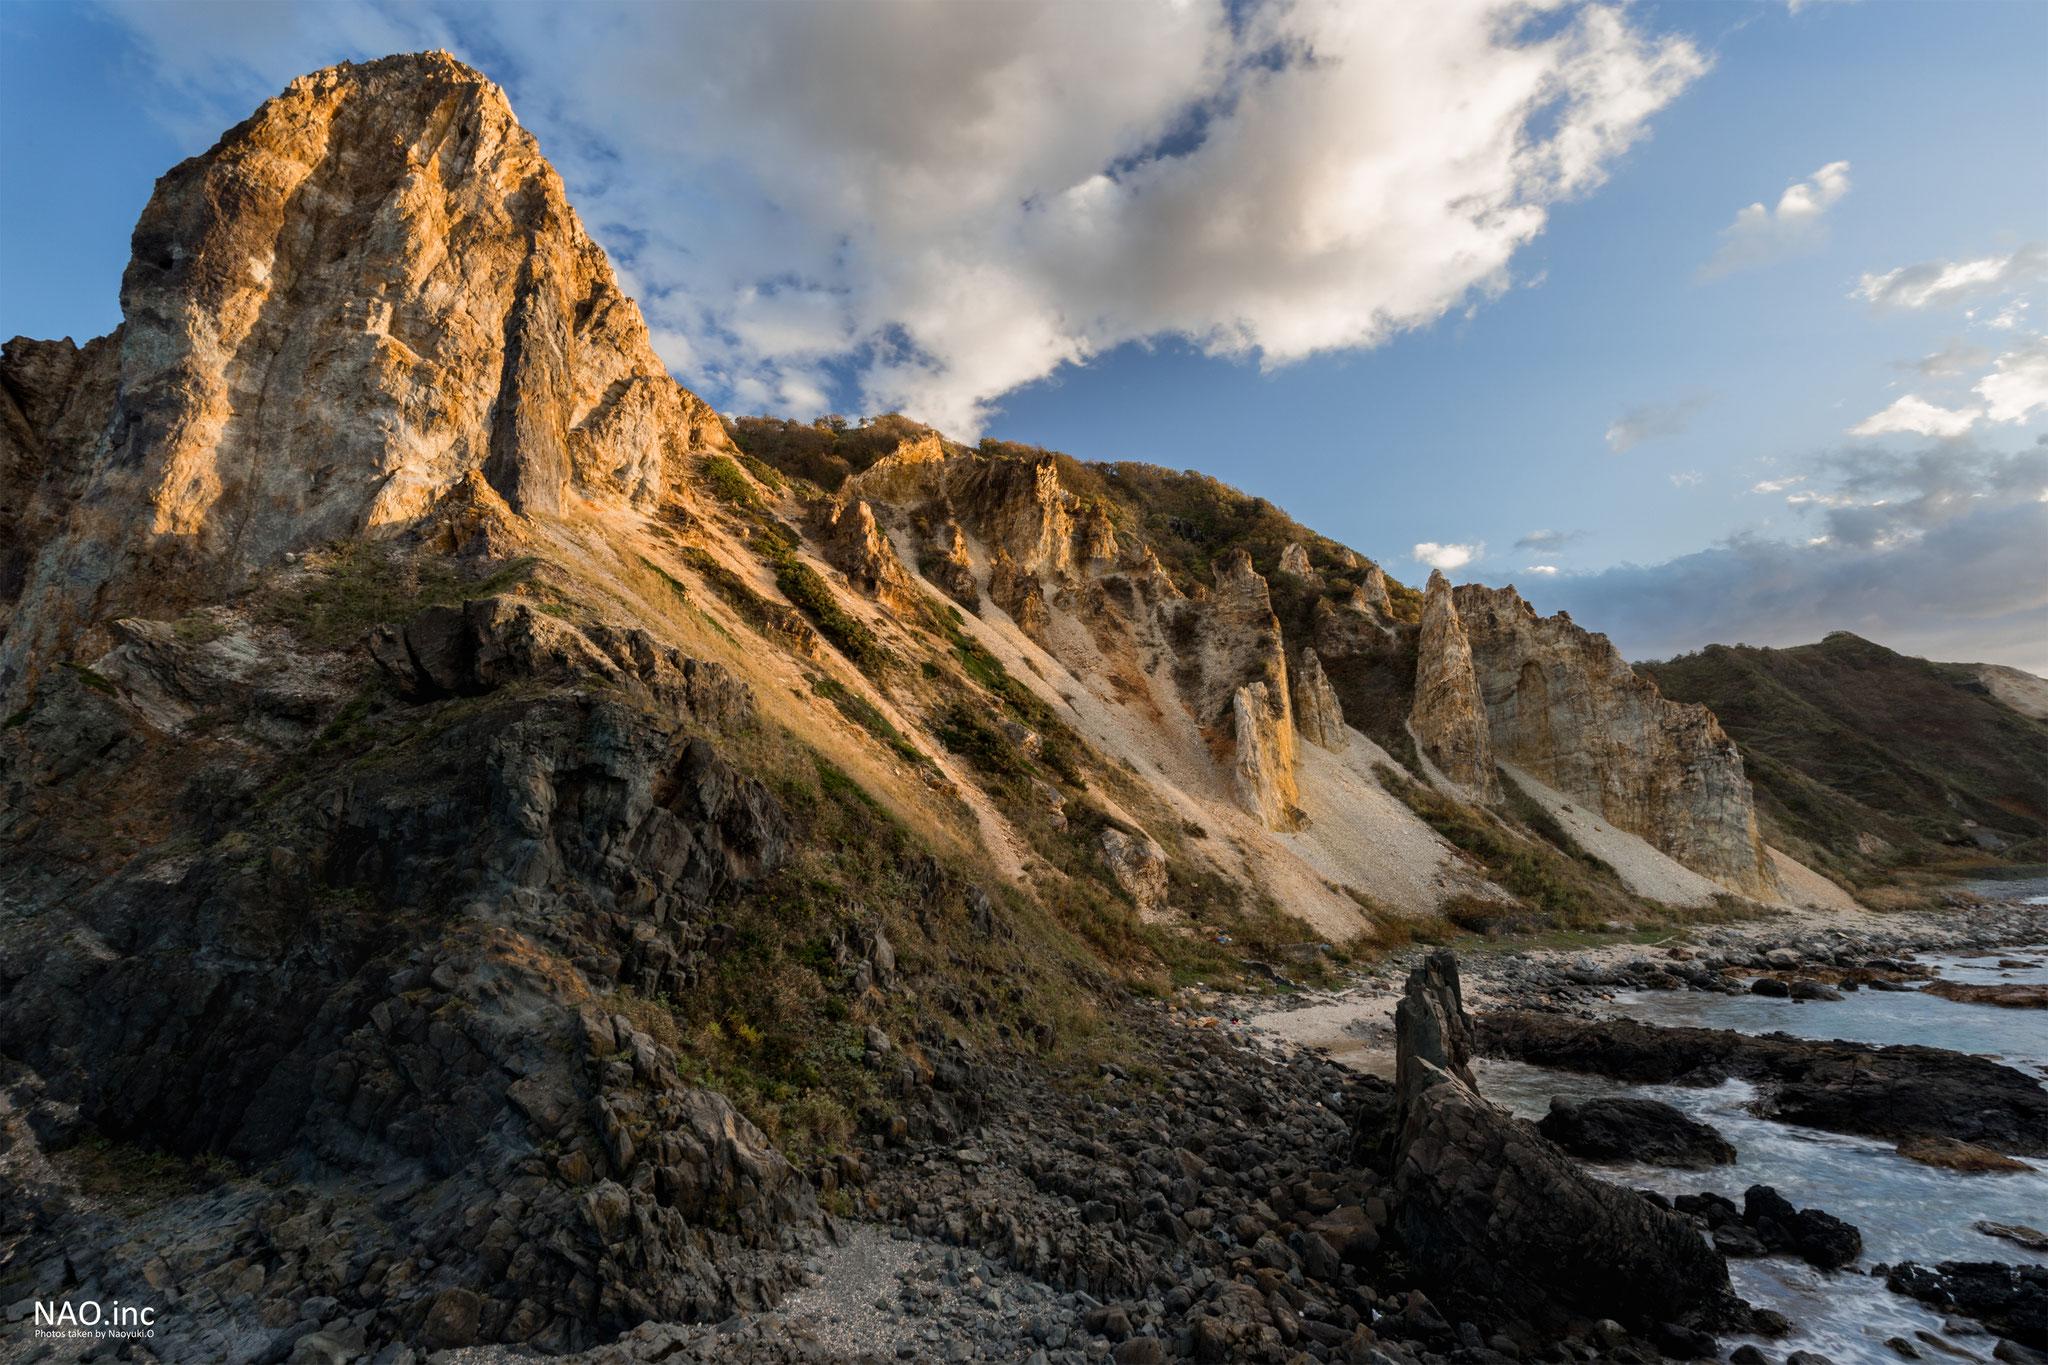 積丹町島武意海岸。日本渚百選に選ばれる海岸だが、岩場の迫力が凄まじい。